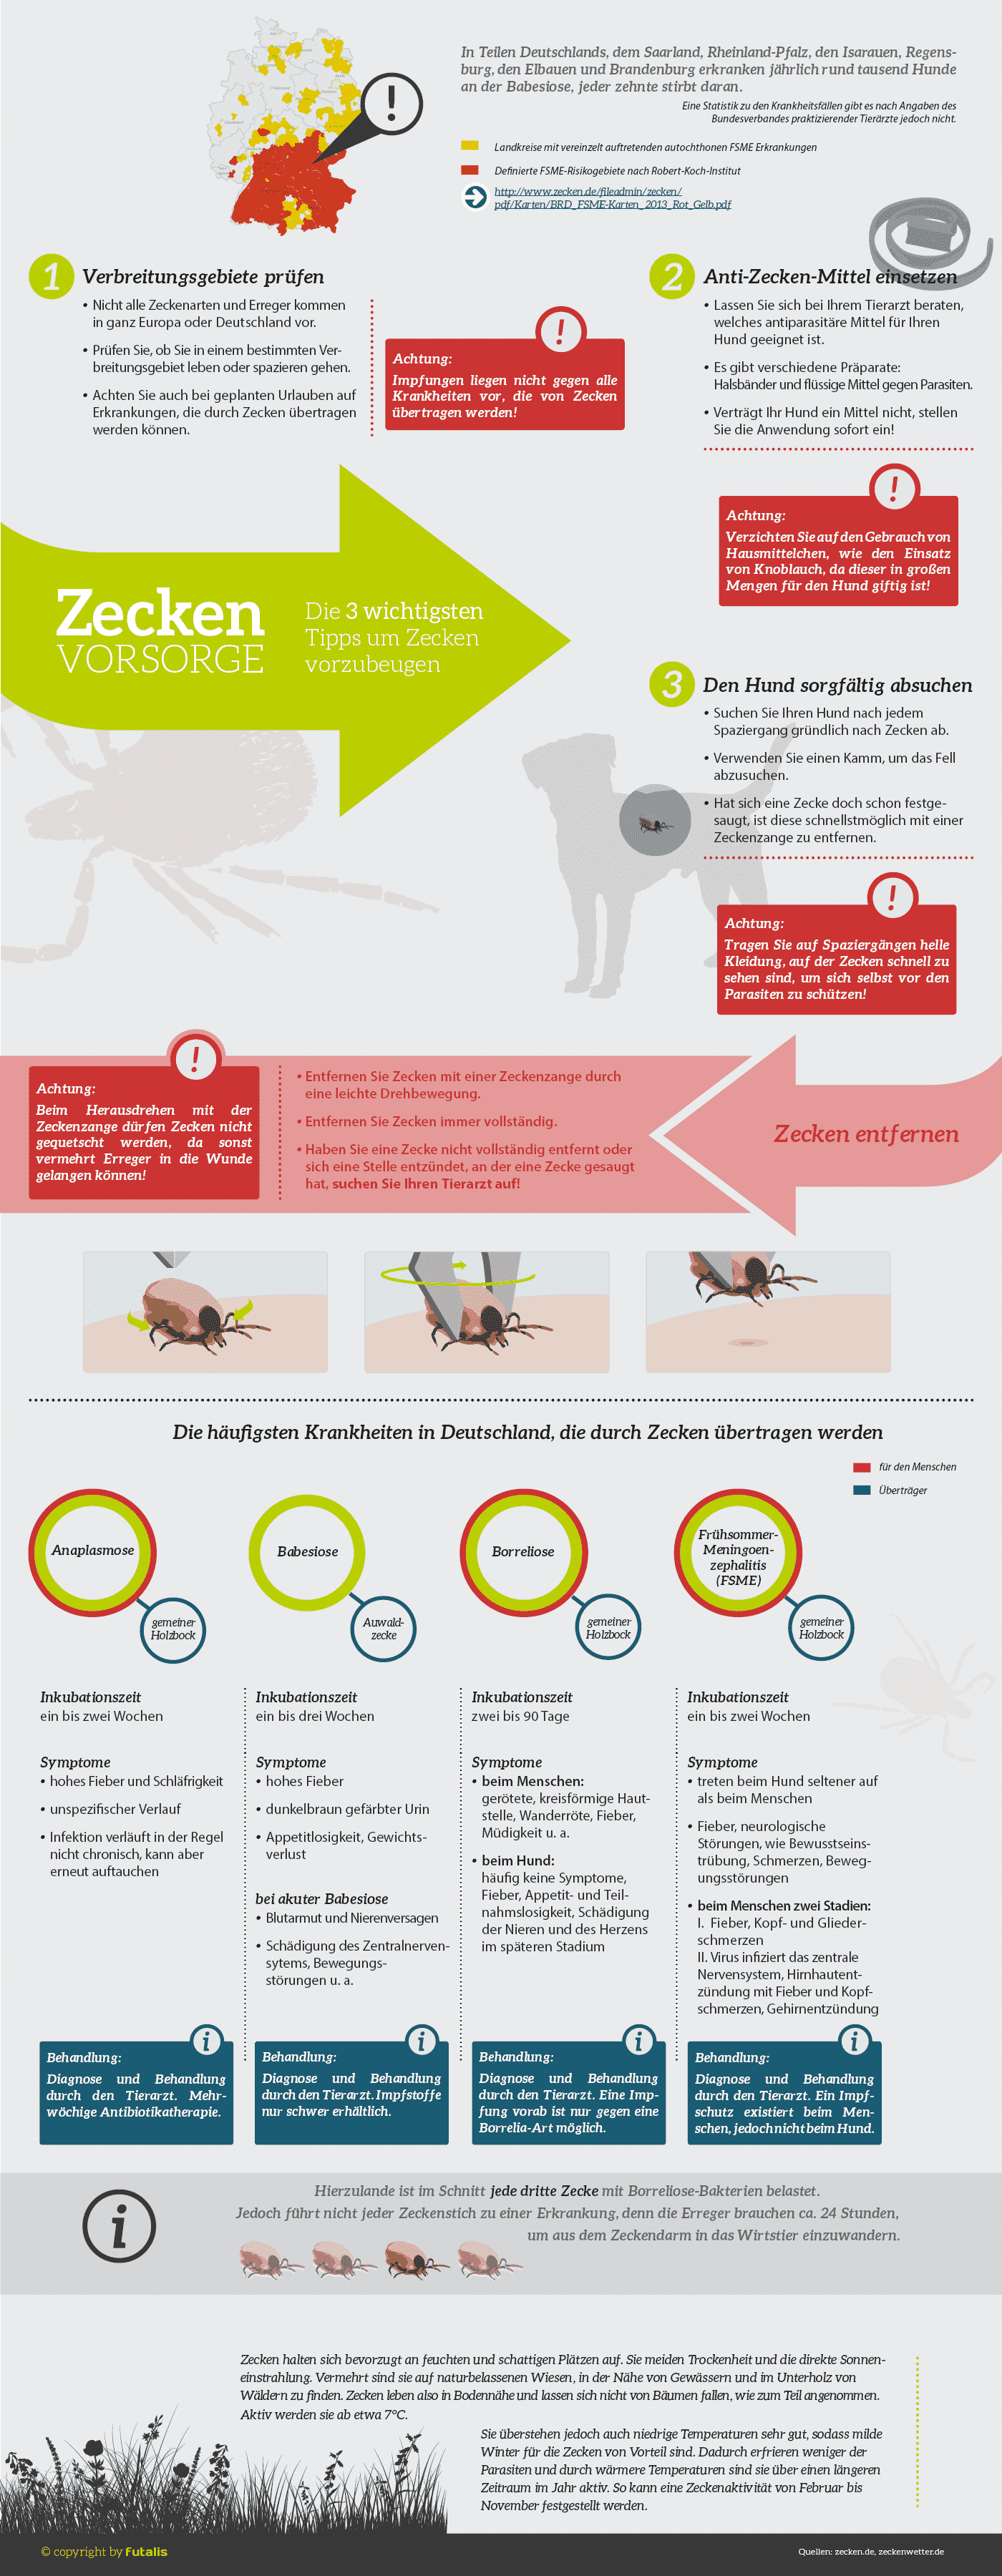 Infografik: Zecken bei Hunden - Erkrankungen und Behandlungstipps